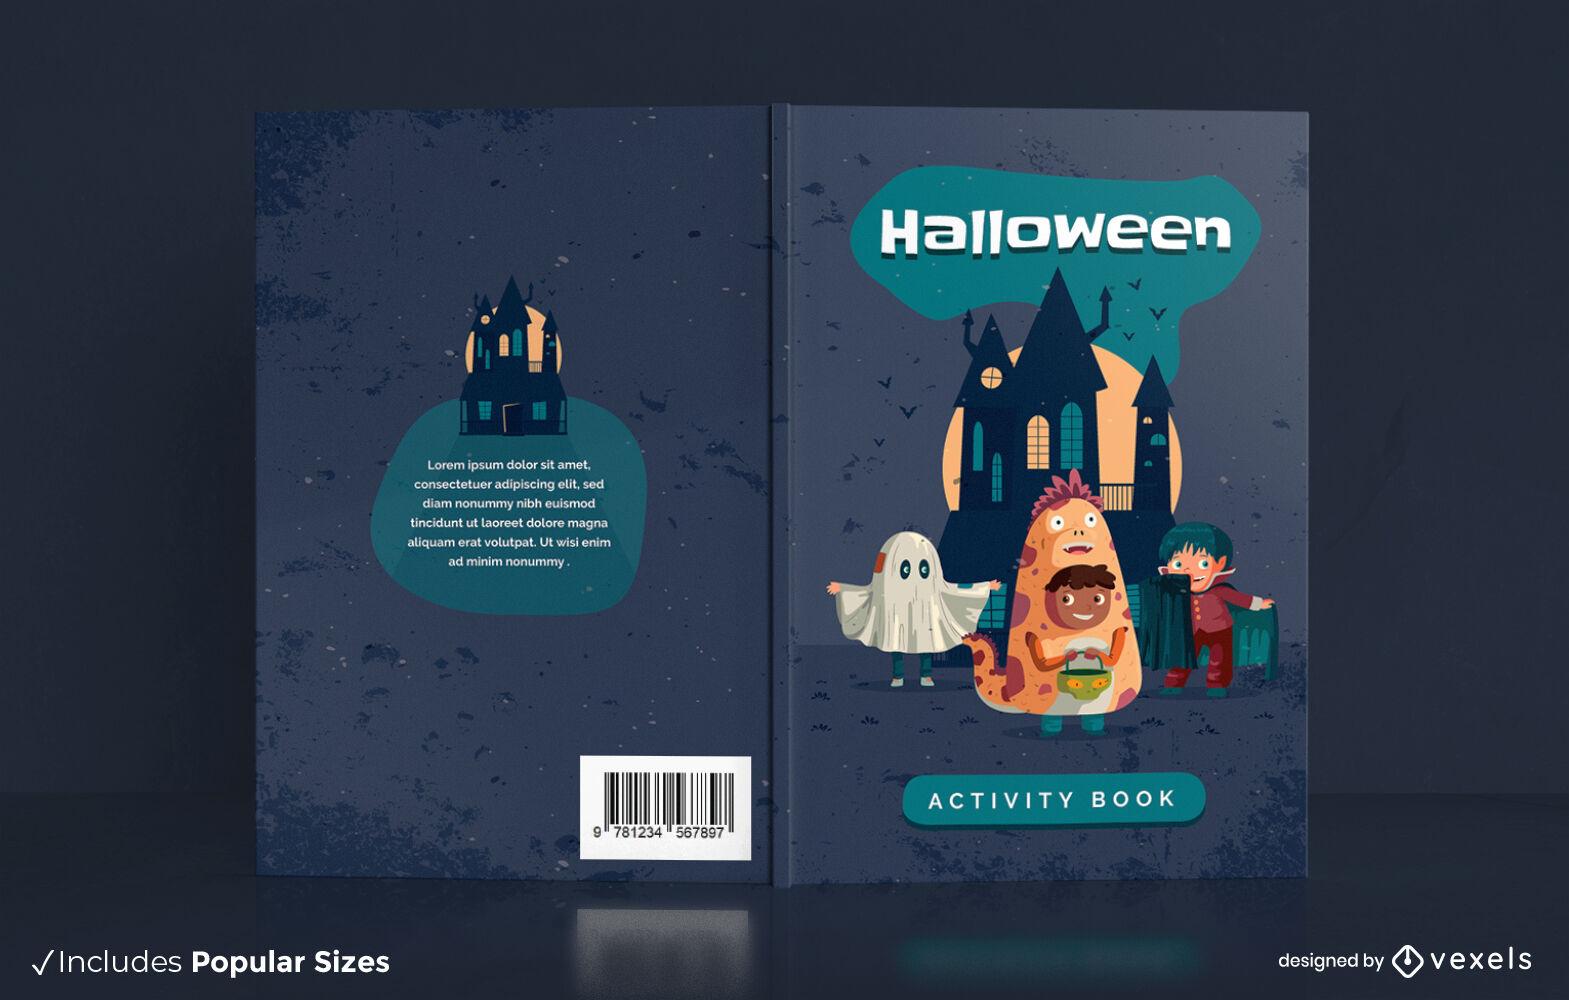 Diseño de portada de libro de actividades de halloween para niños